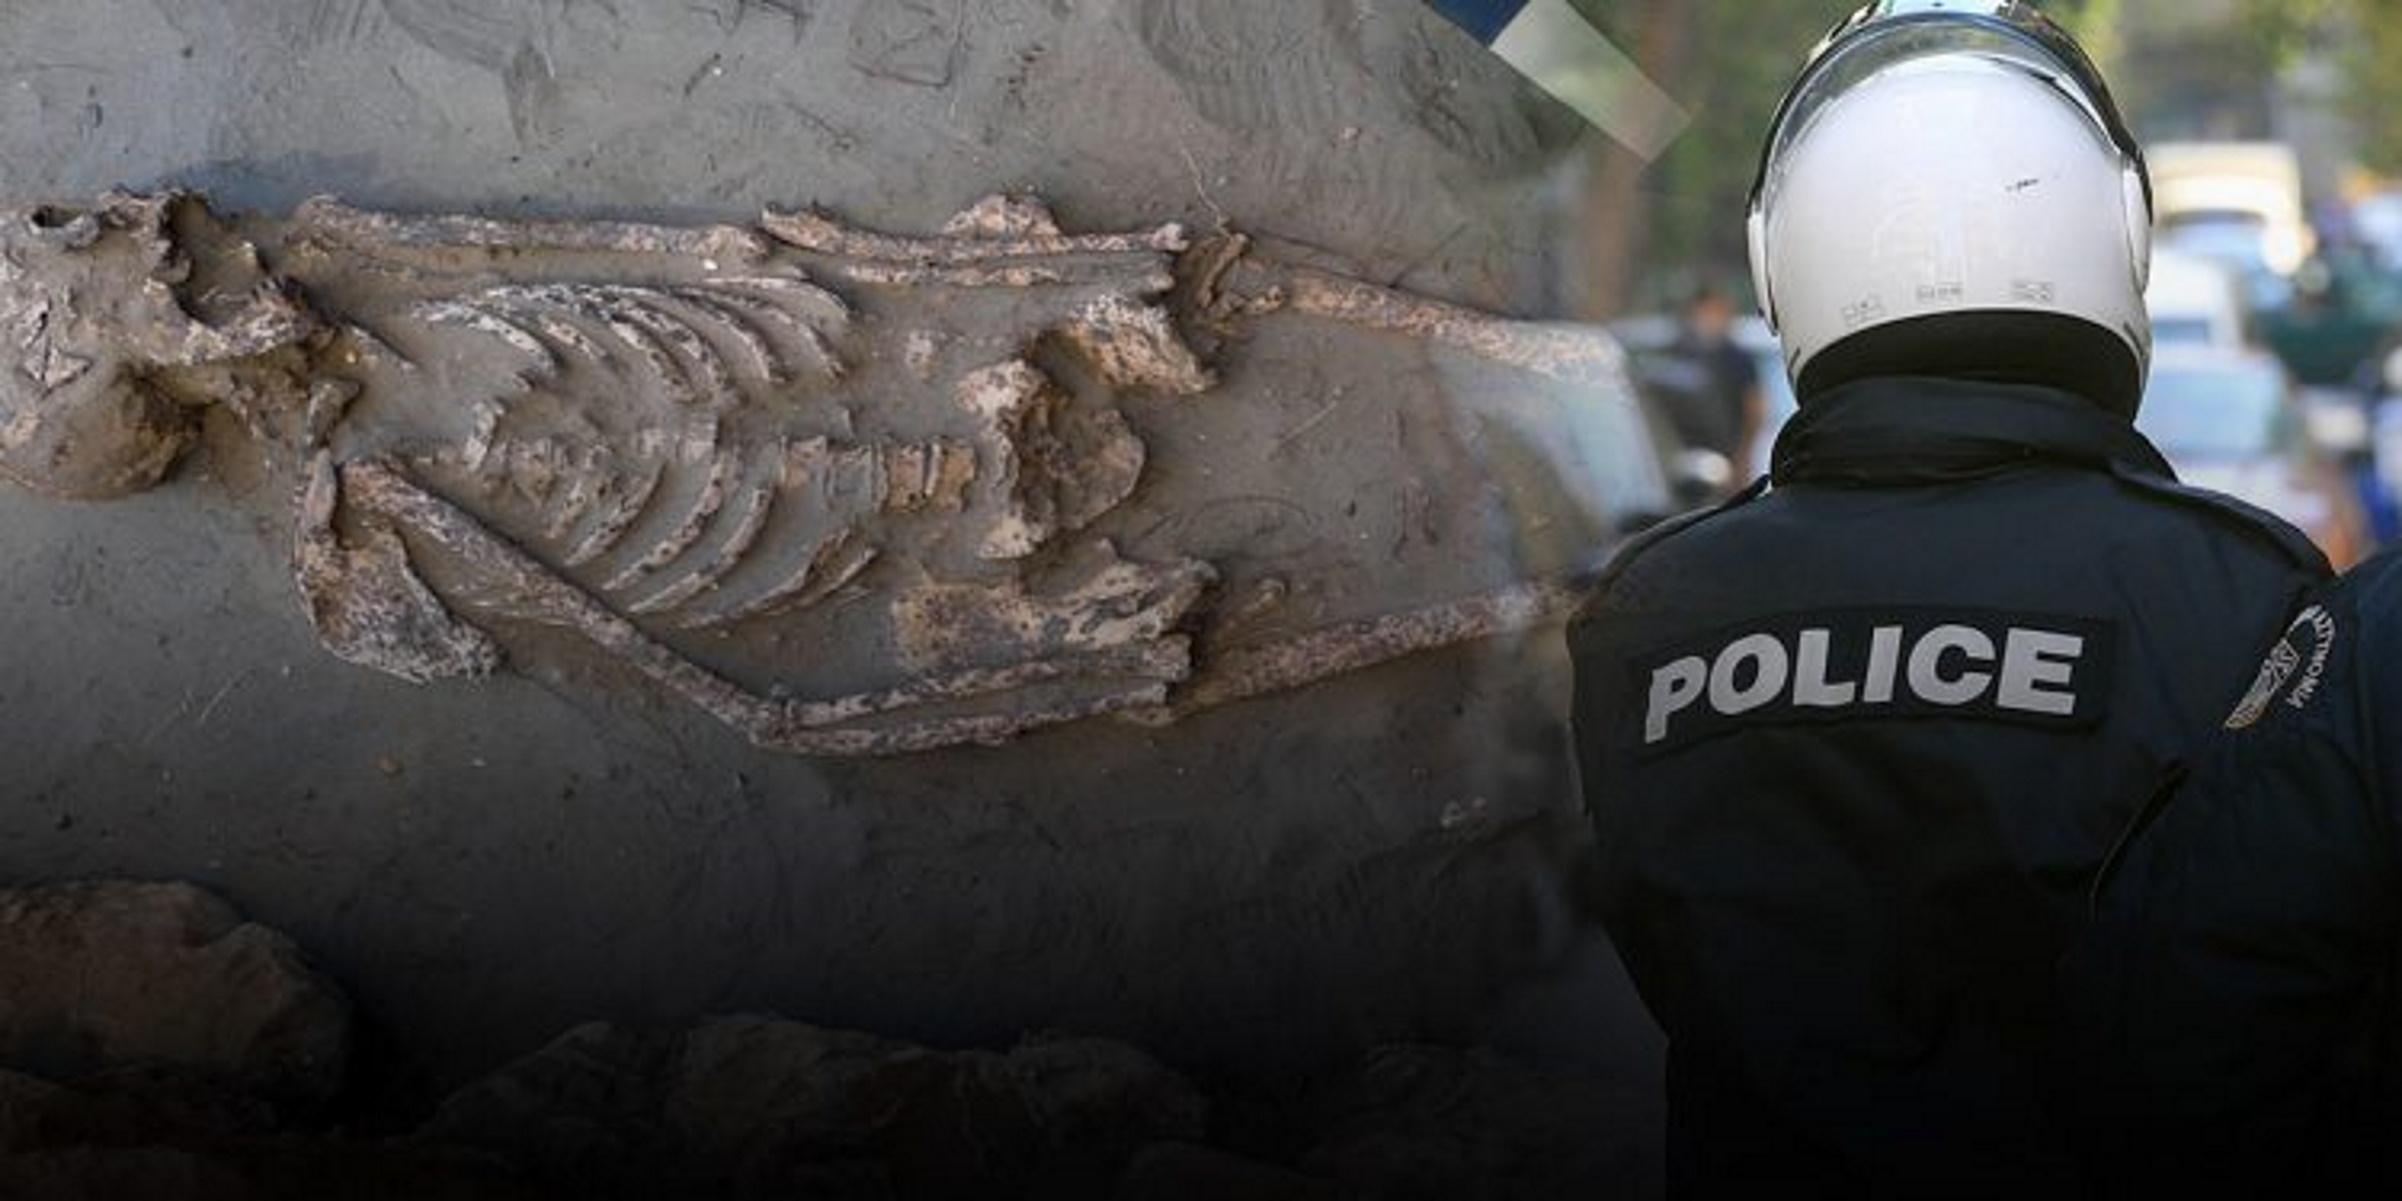 Ηράκλειο: Ανθρώπινα οστά σε χαντάκι – Ανέλαβαν αρχαιολόγοι